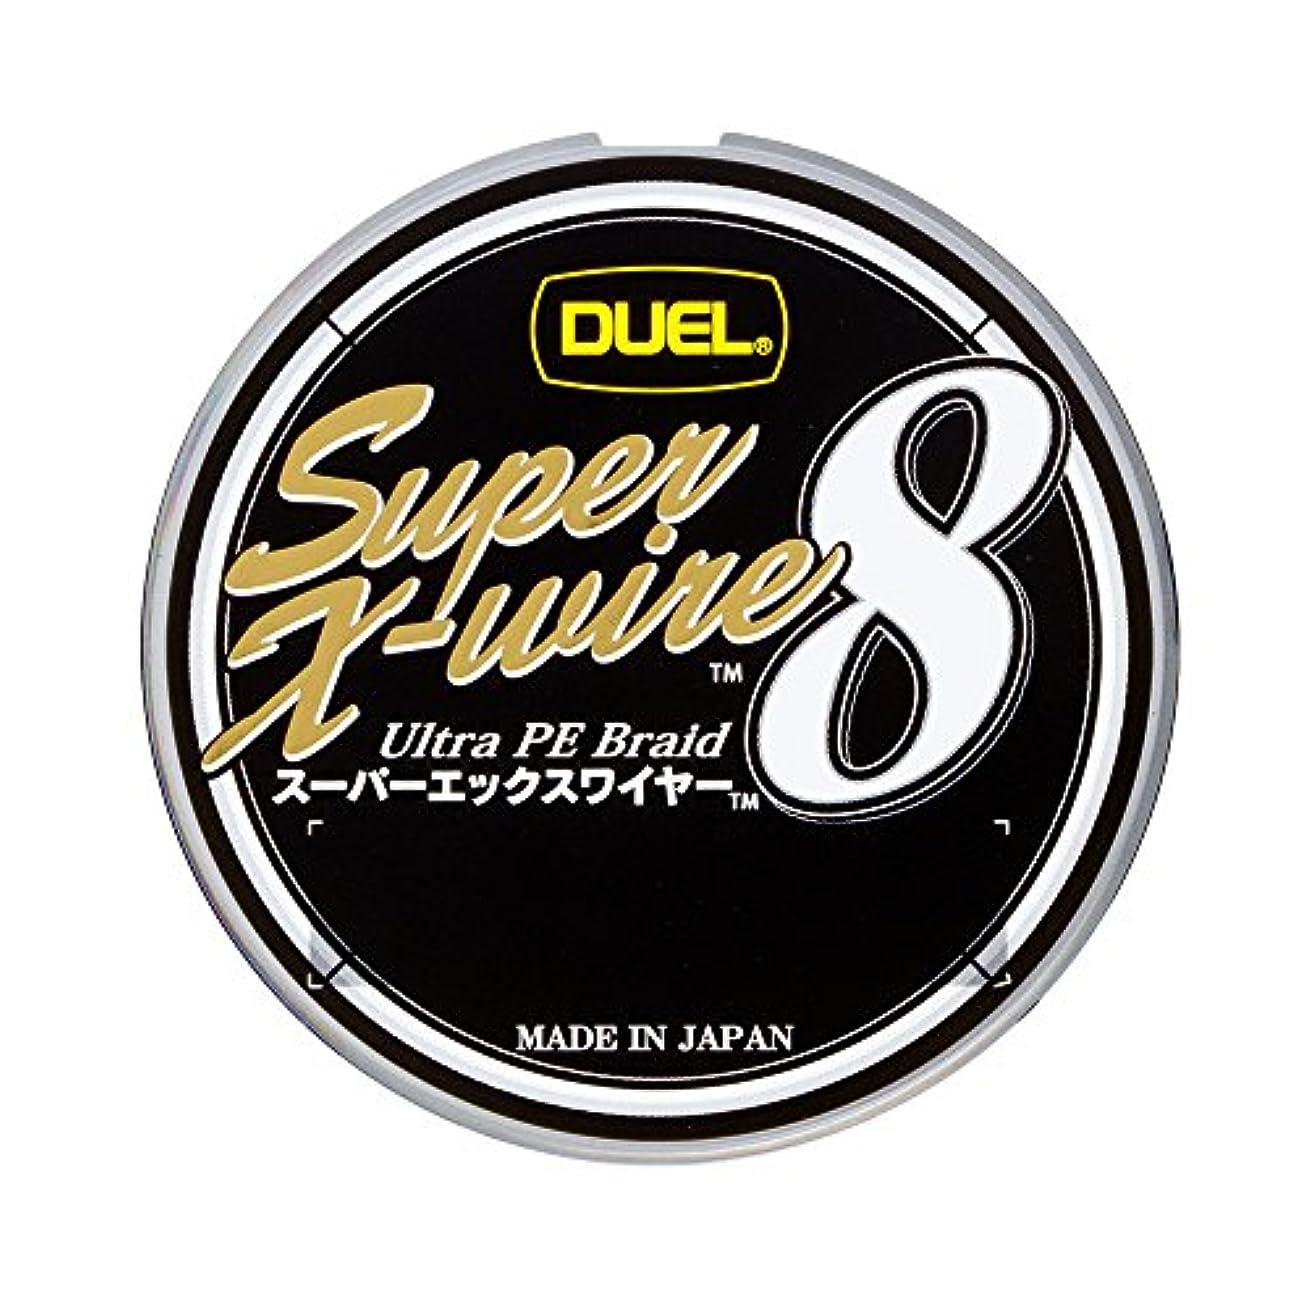 クラシカル毎週拍手するデュエル(DUEL) スーパーエックスワイヤー8 (Super X-wire 8) 単色